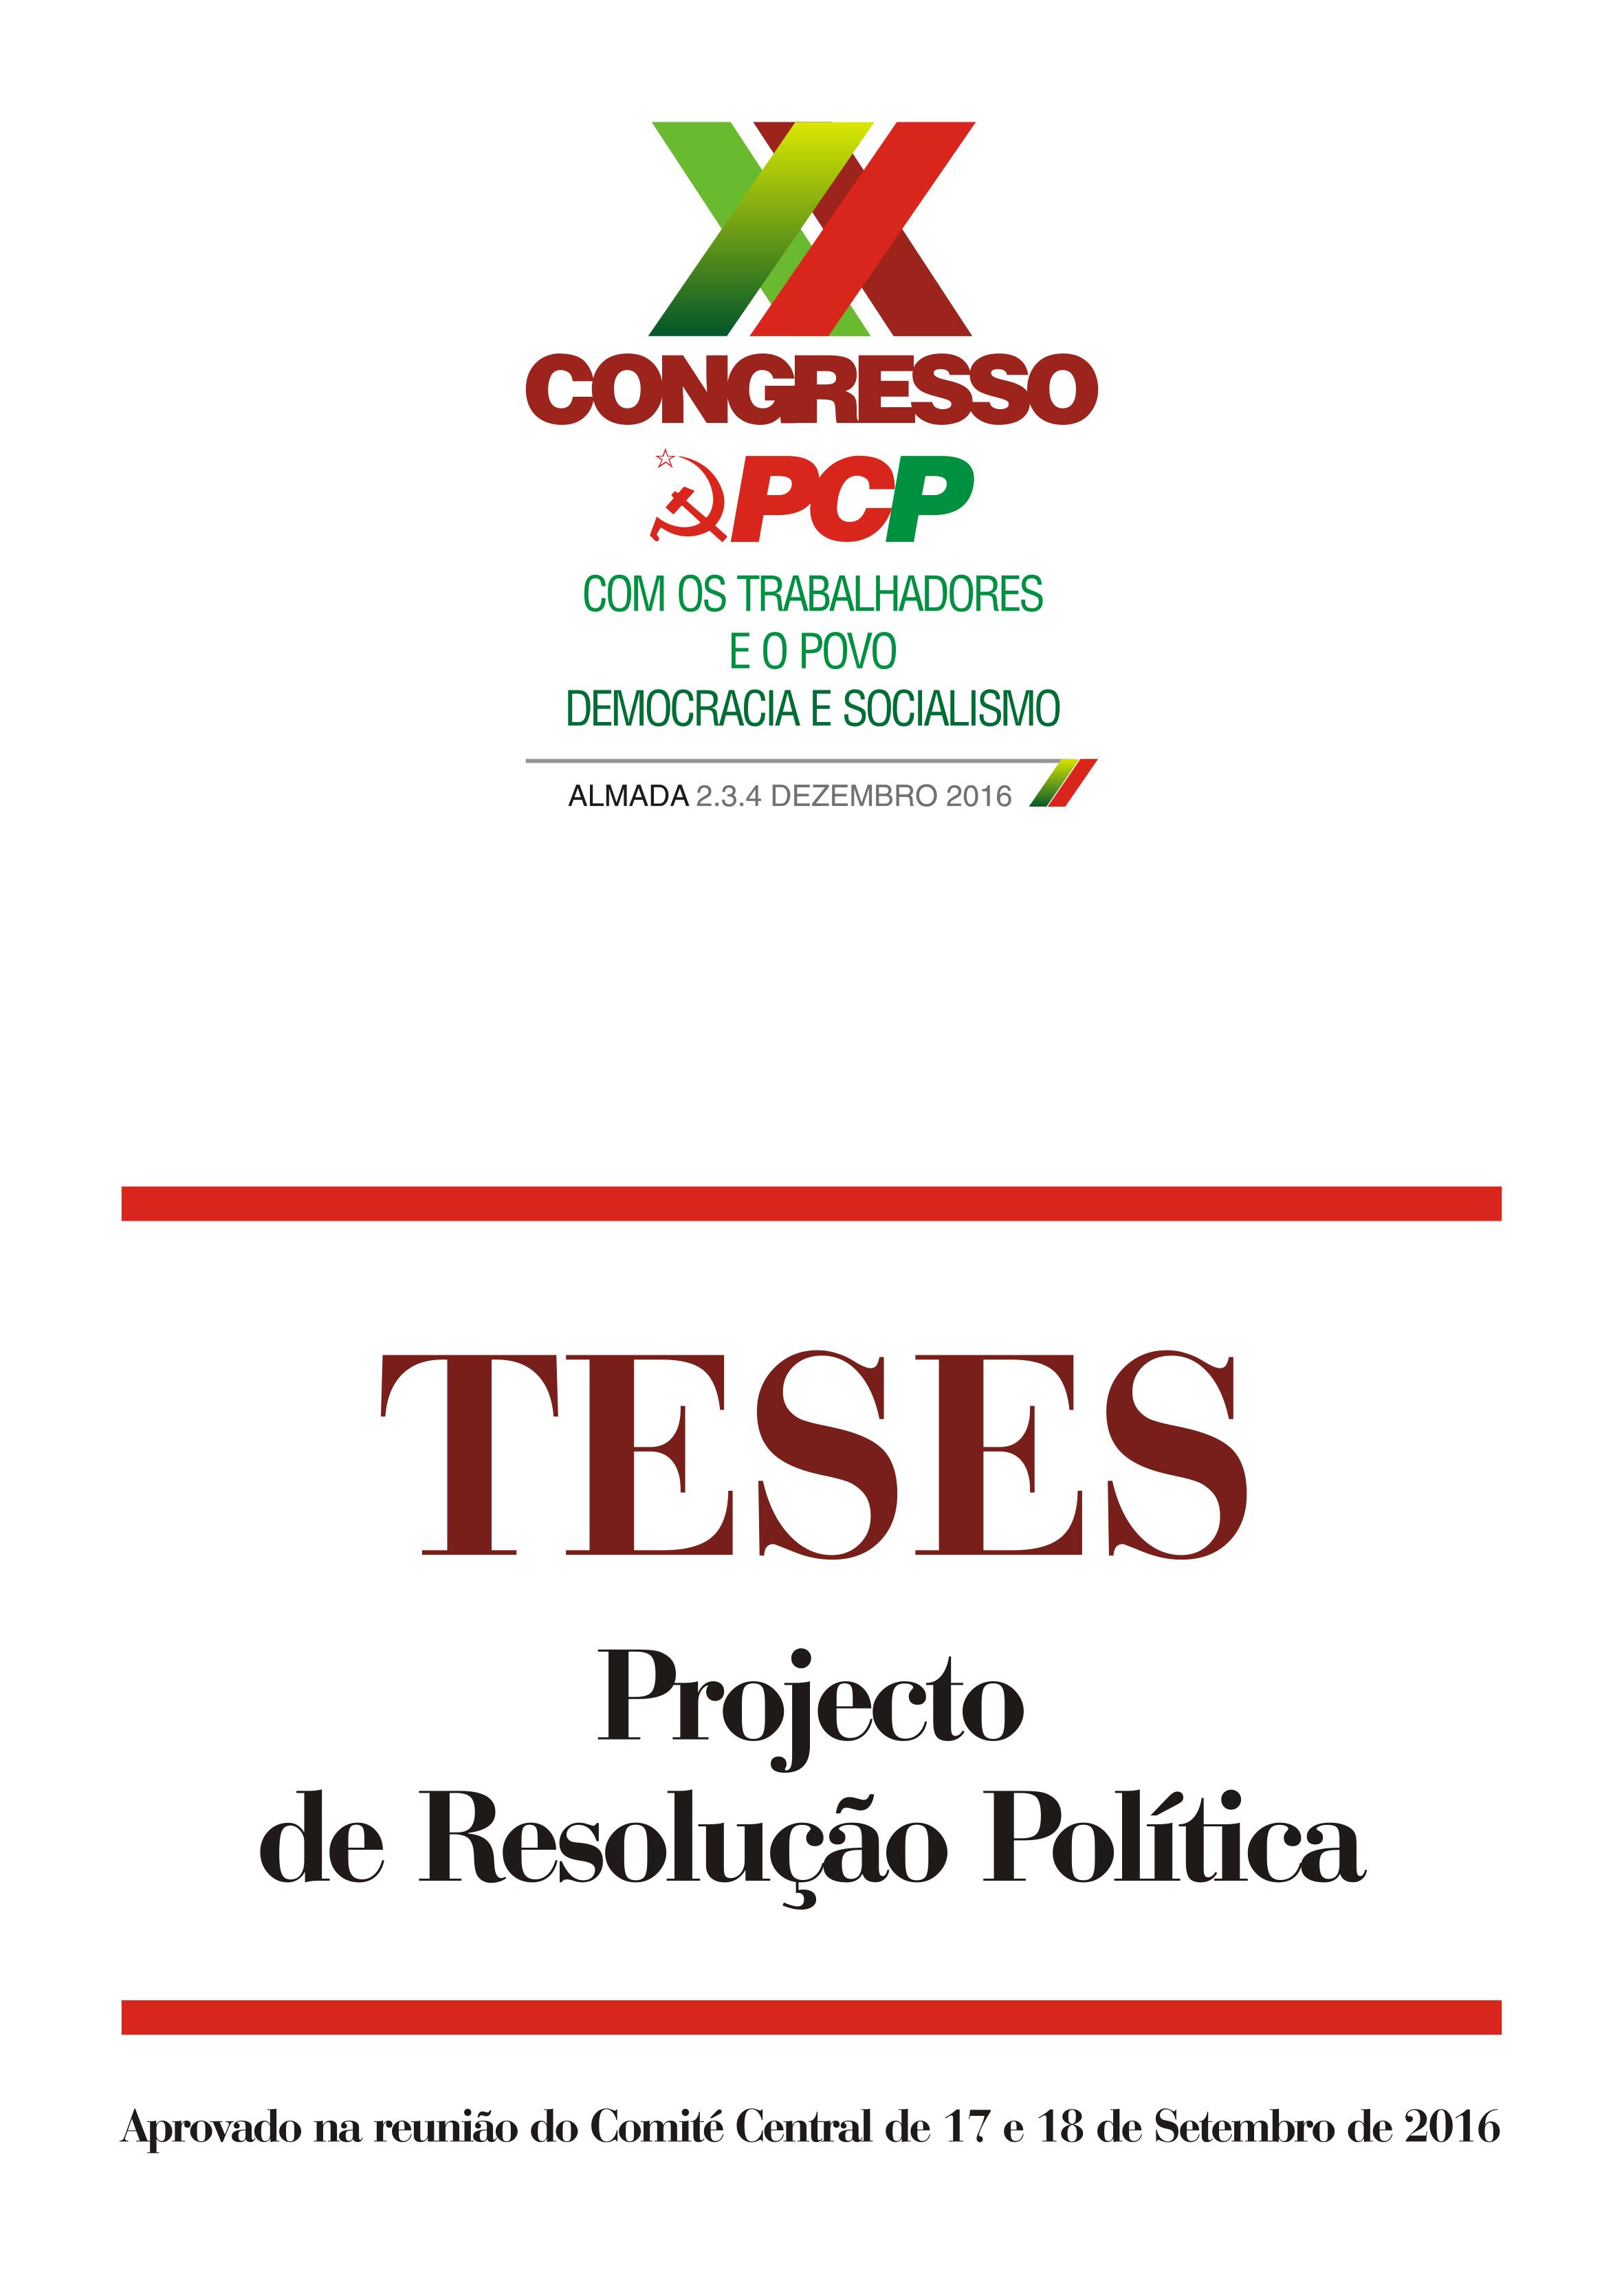 2016_xx_congresso_teses_projecto_resolucao_politica